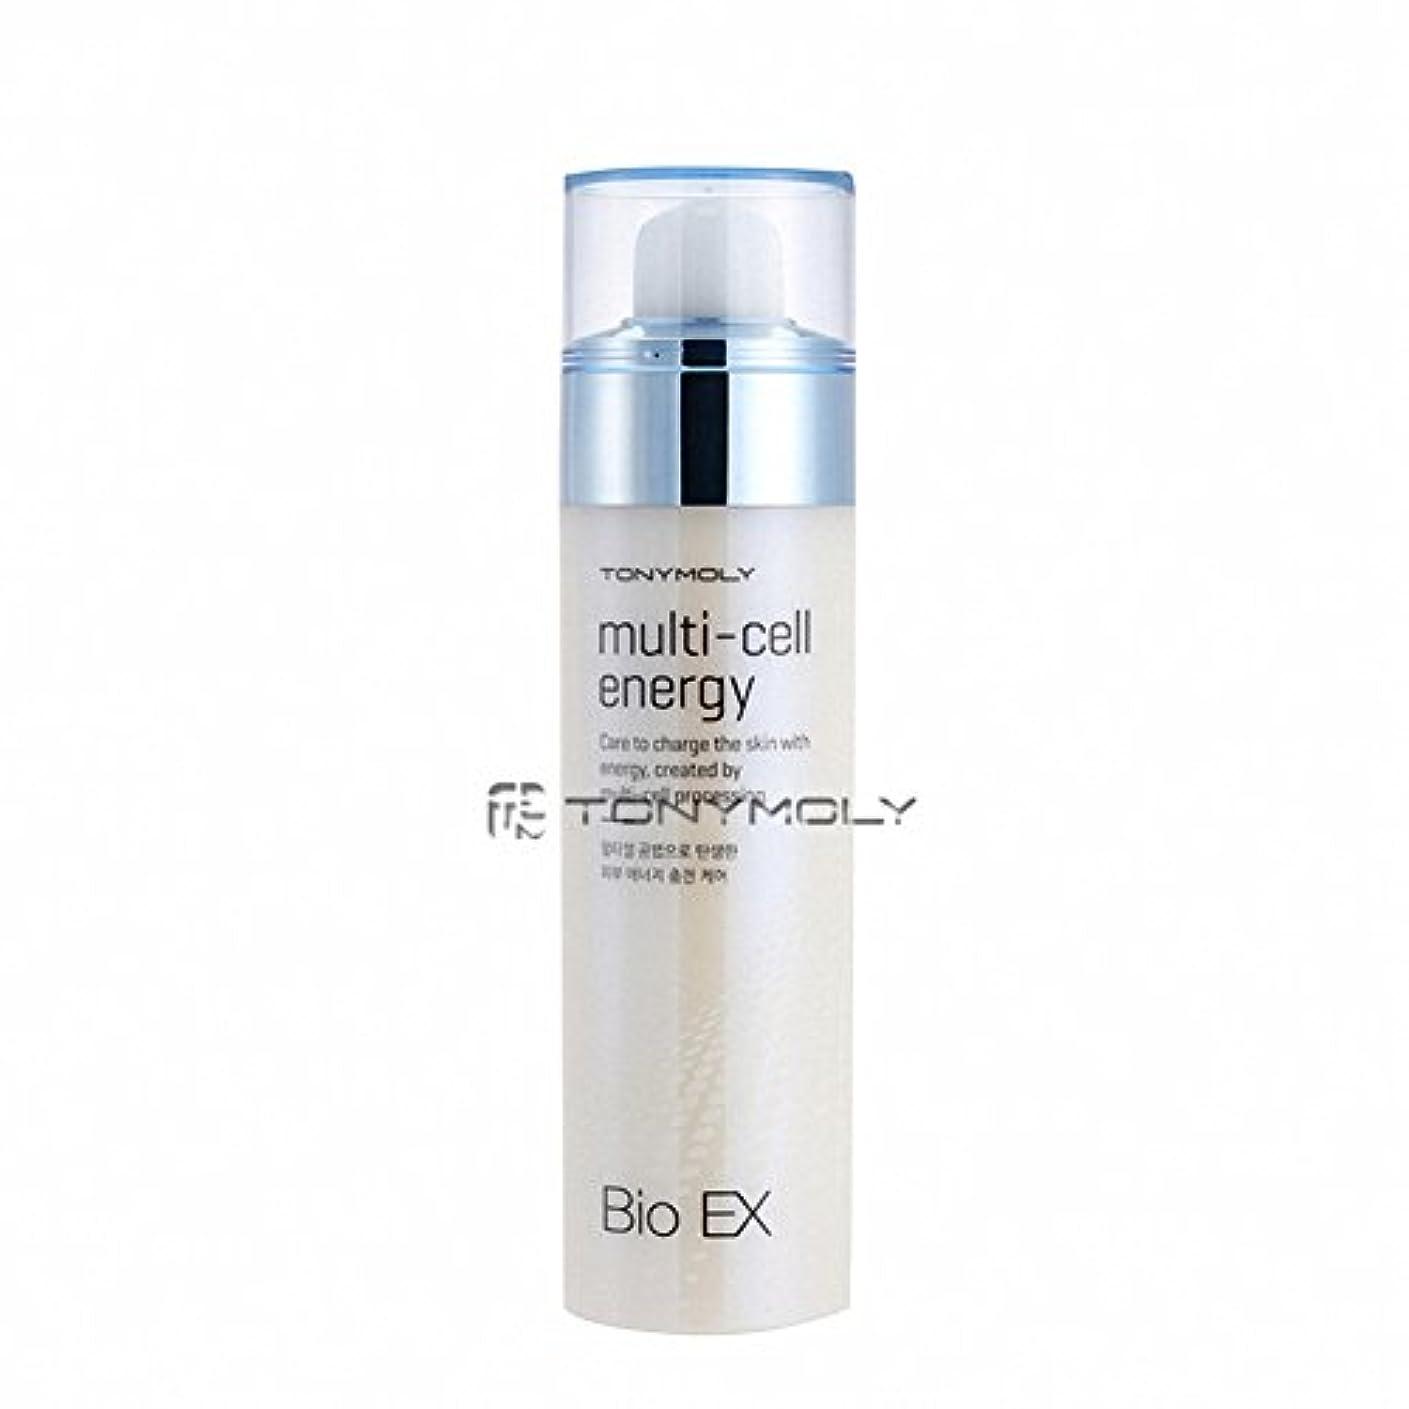 水を飲む過去ショッキングトニーモリー TONYMOLY Bio EX Multi-Cell Energy 120ml トニーモリー バイオEXマルチセルエネルギー 韓國直送 [並行輸入品]